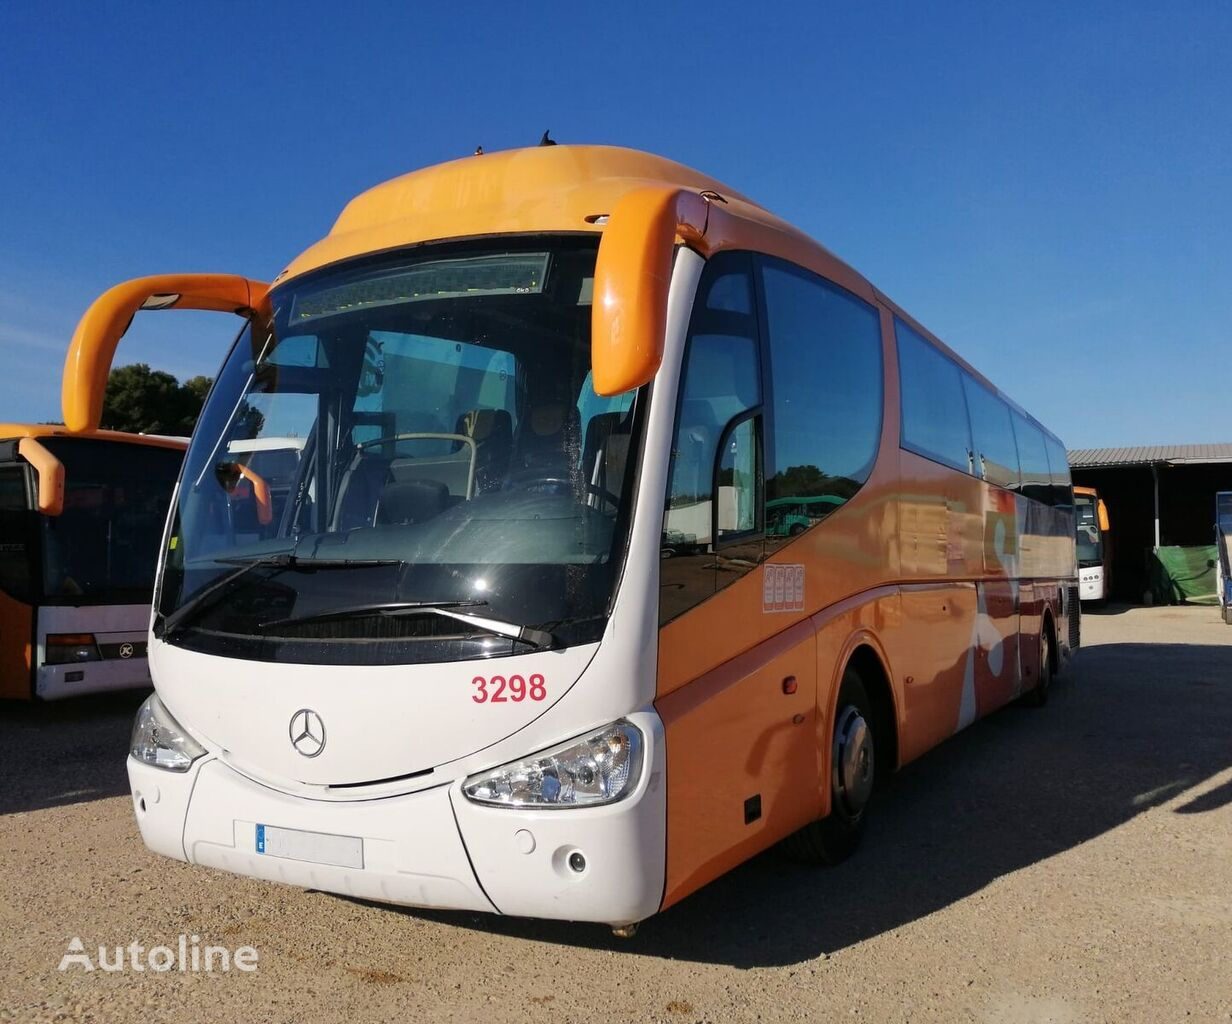 MERCEDES-BENZ OC 500 - IRIZAR PB + 56 PAX +420 CV+2 CURSOS ESCOLARES  turistički autobus